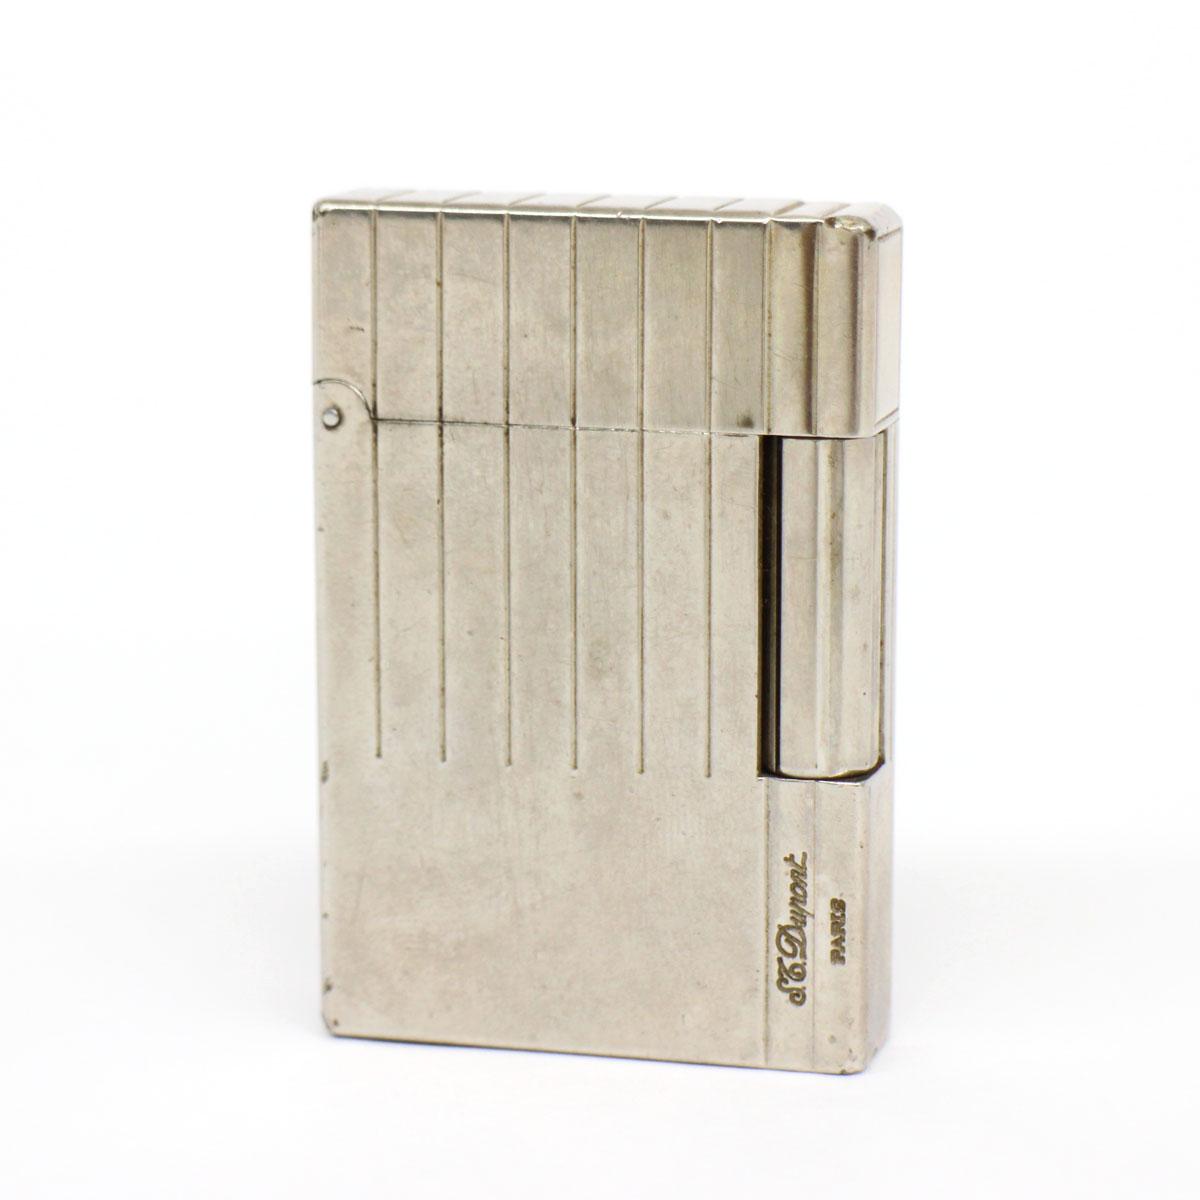 【中古】ジャンク品◆S.T.Dupont ギャッツビー デュポン ガスライター ◆ silver /シルバー